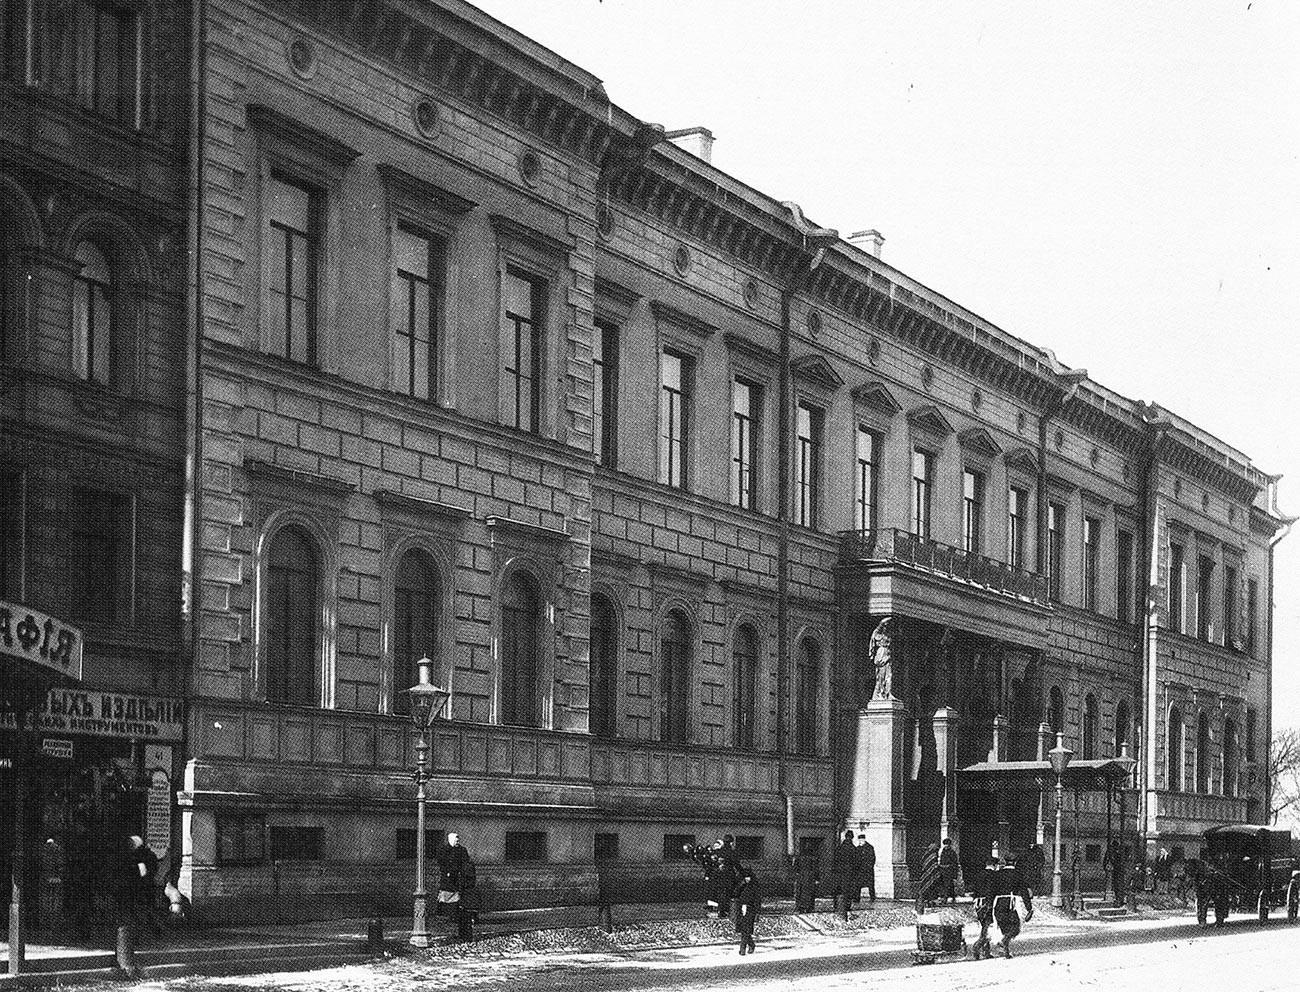 Prédio do Ministério da Corte Imperial em São Petersburgo, onde o dinheiro da família real era controlado.